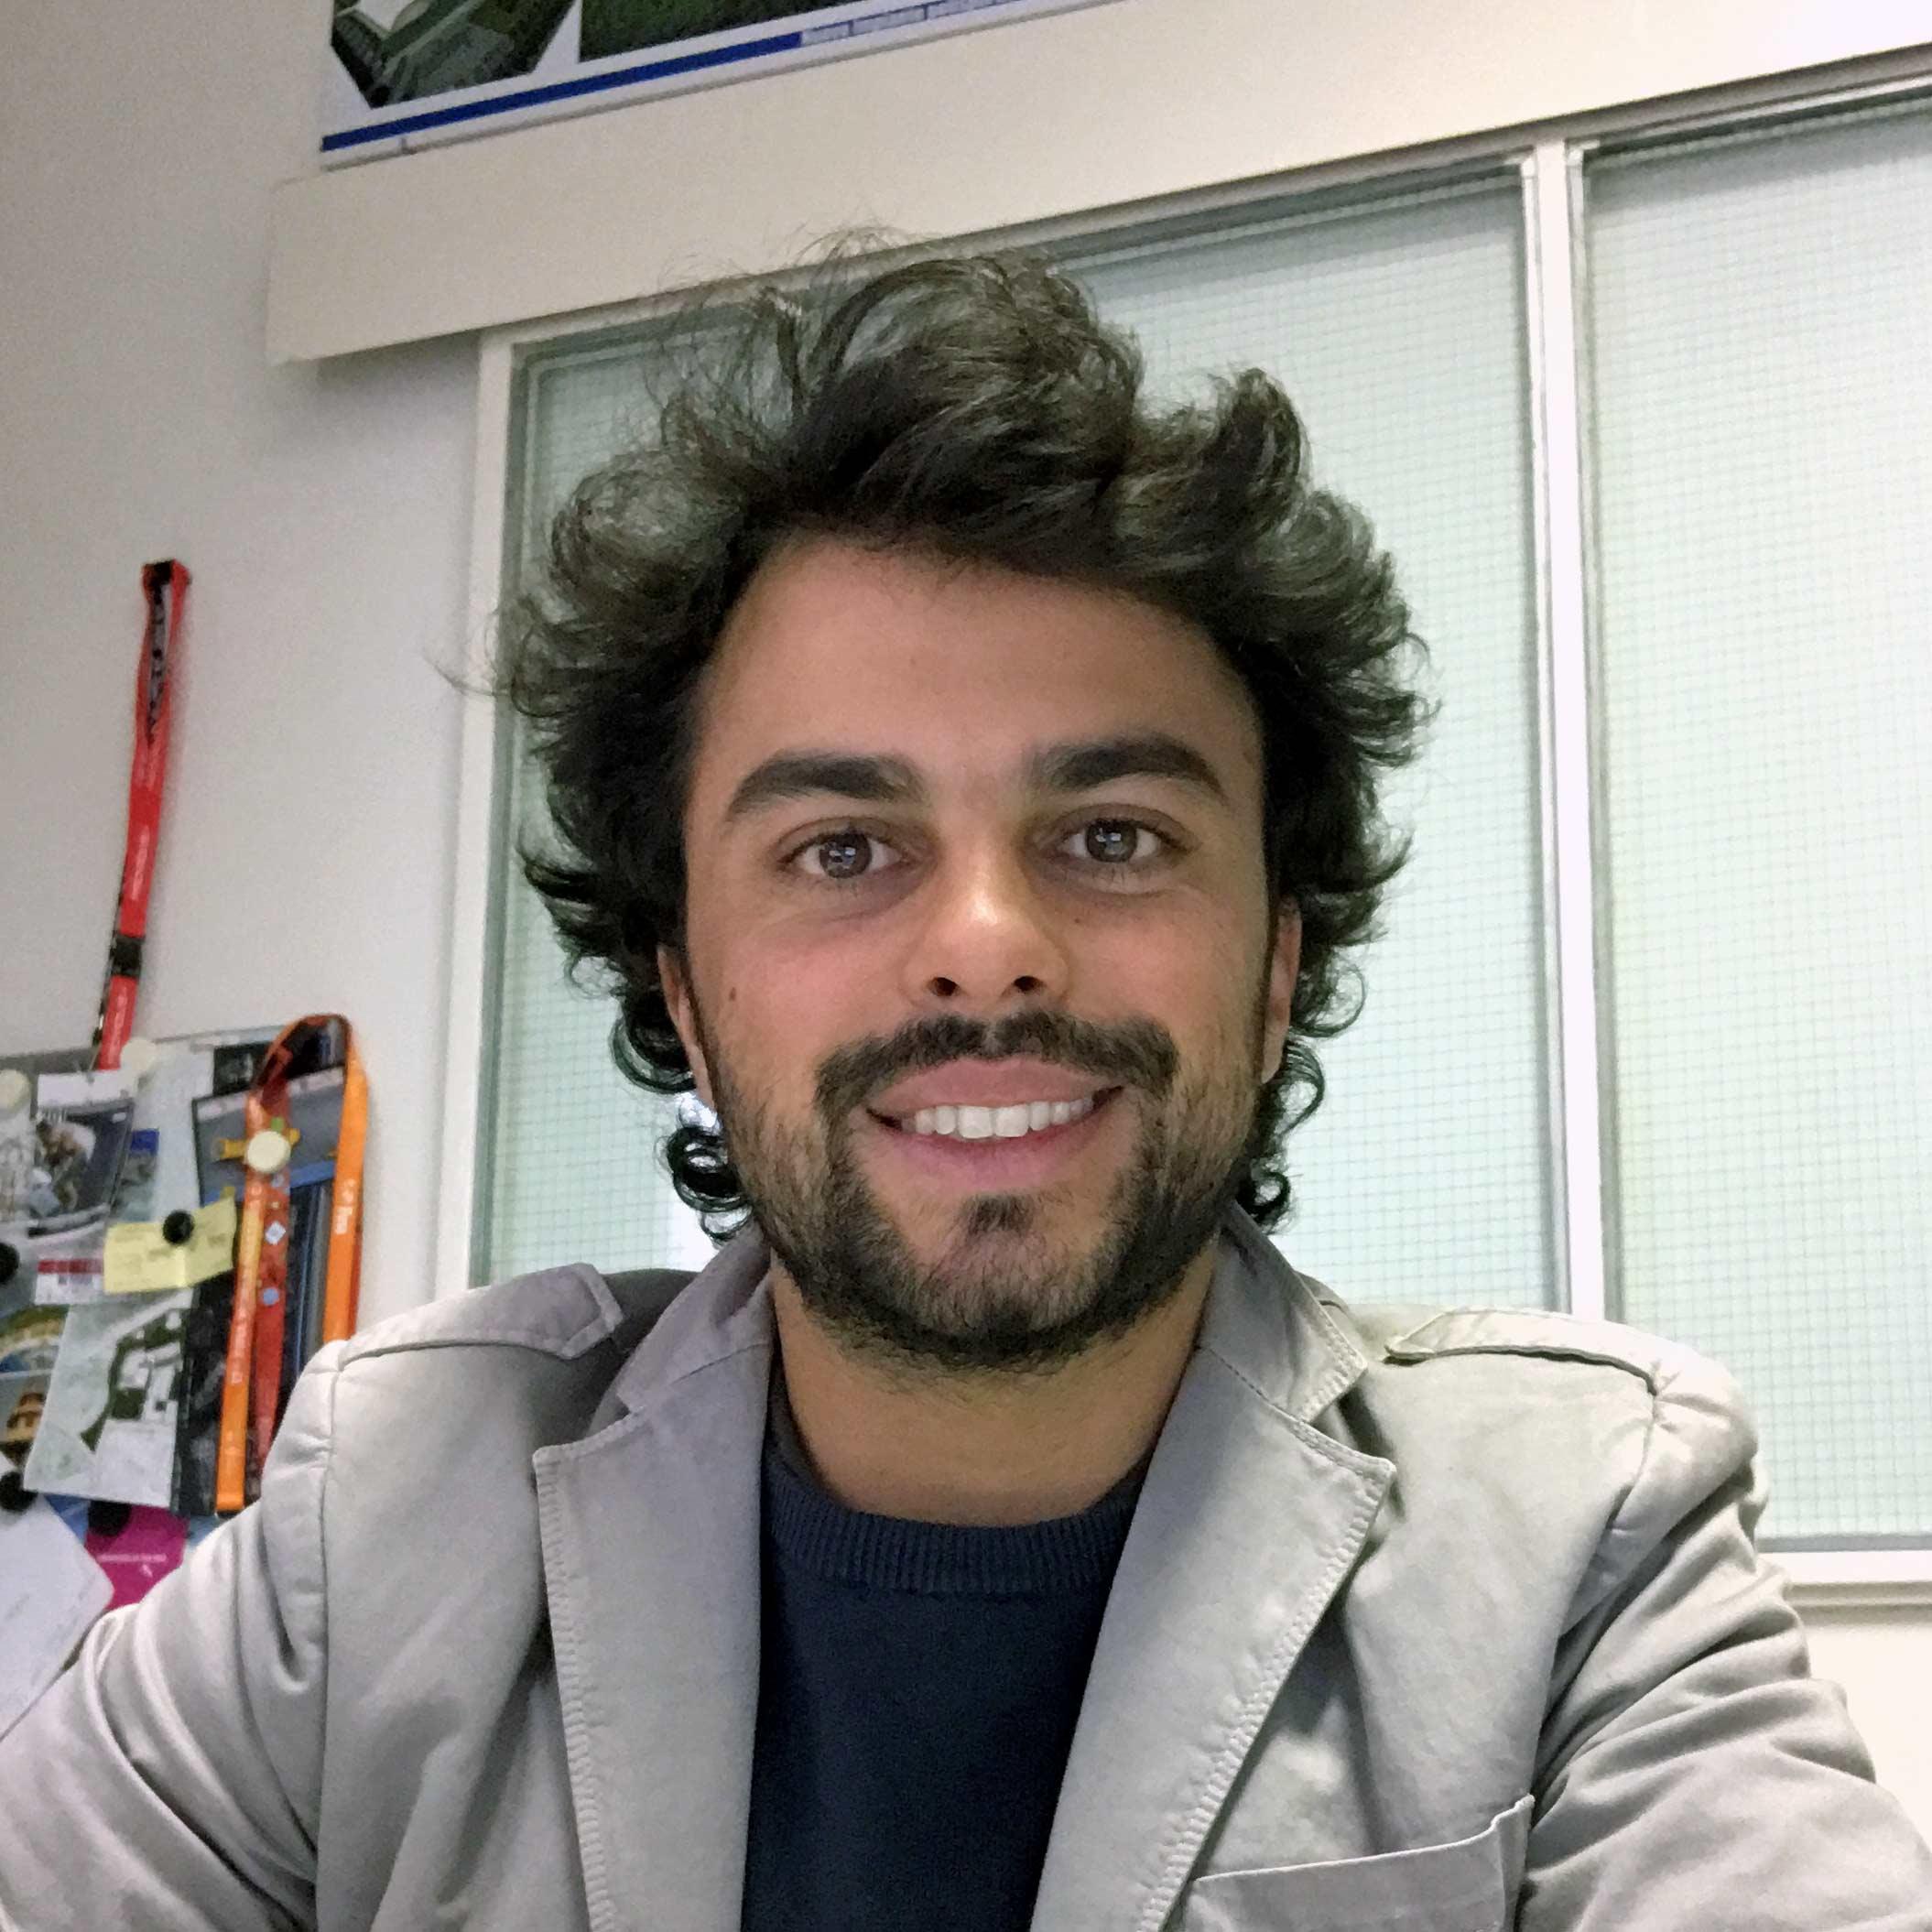 Nicolo Calabrese